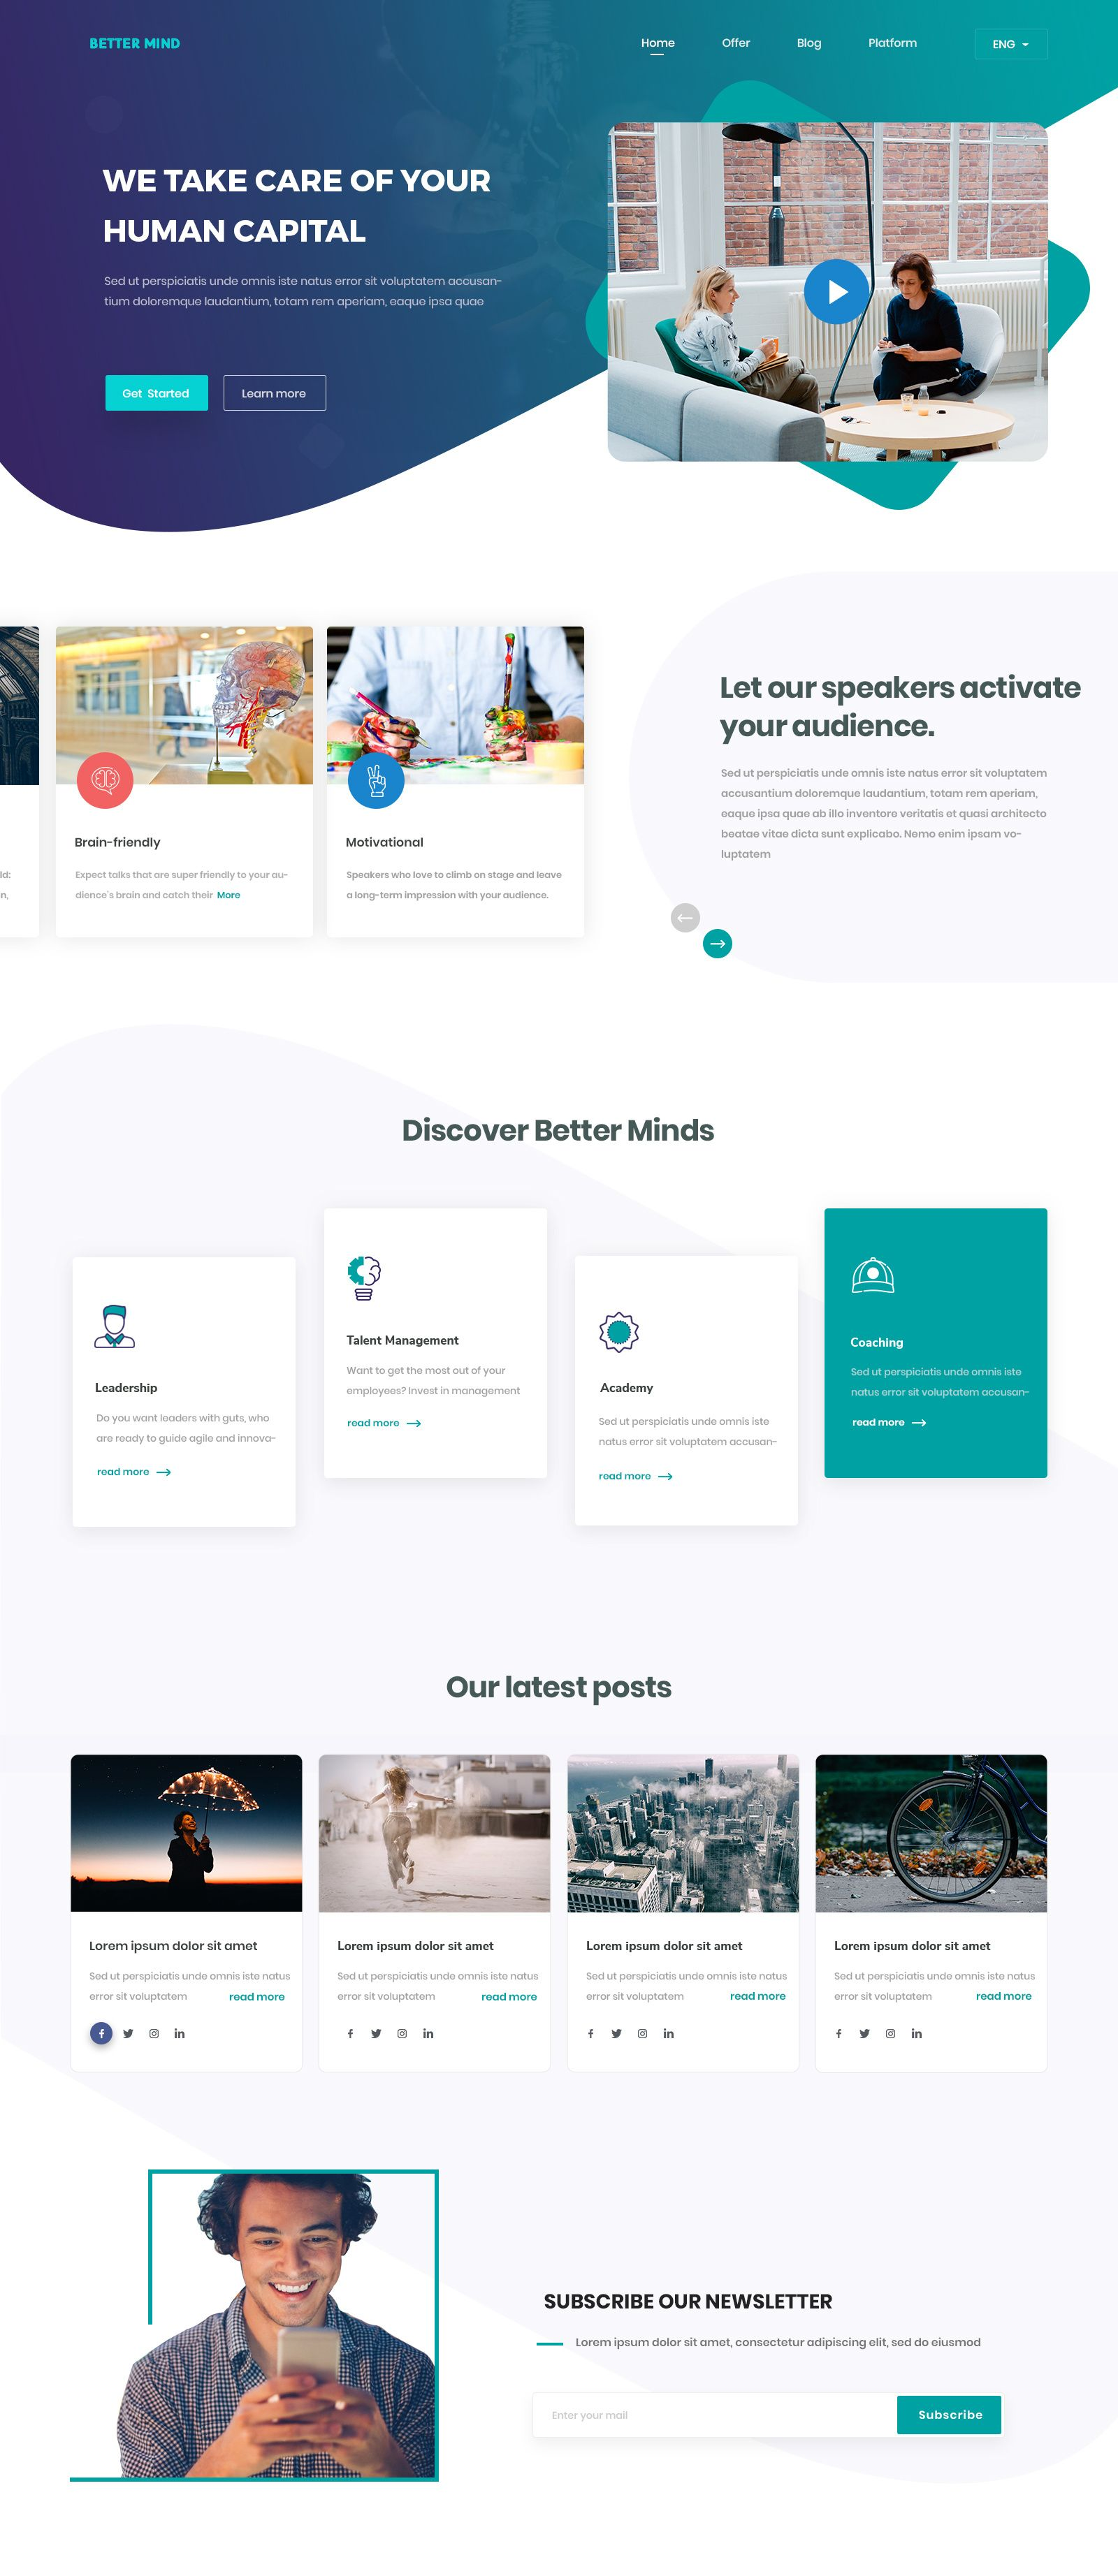 Dribbble Hd 1 Jpg By M S Brar In 2020 Corporate Web Design Corporate Website Design Web App Design